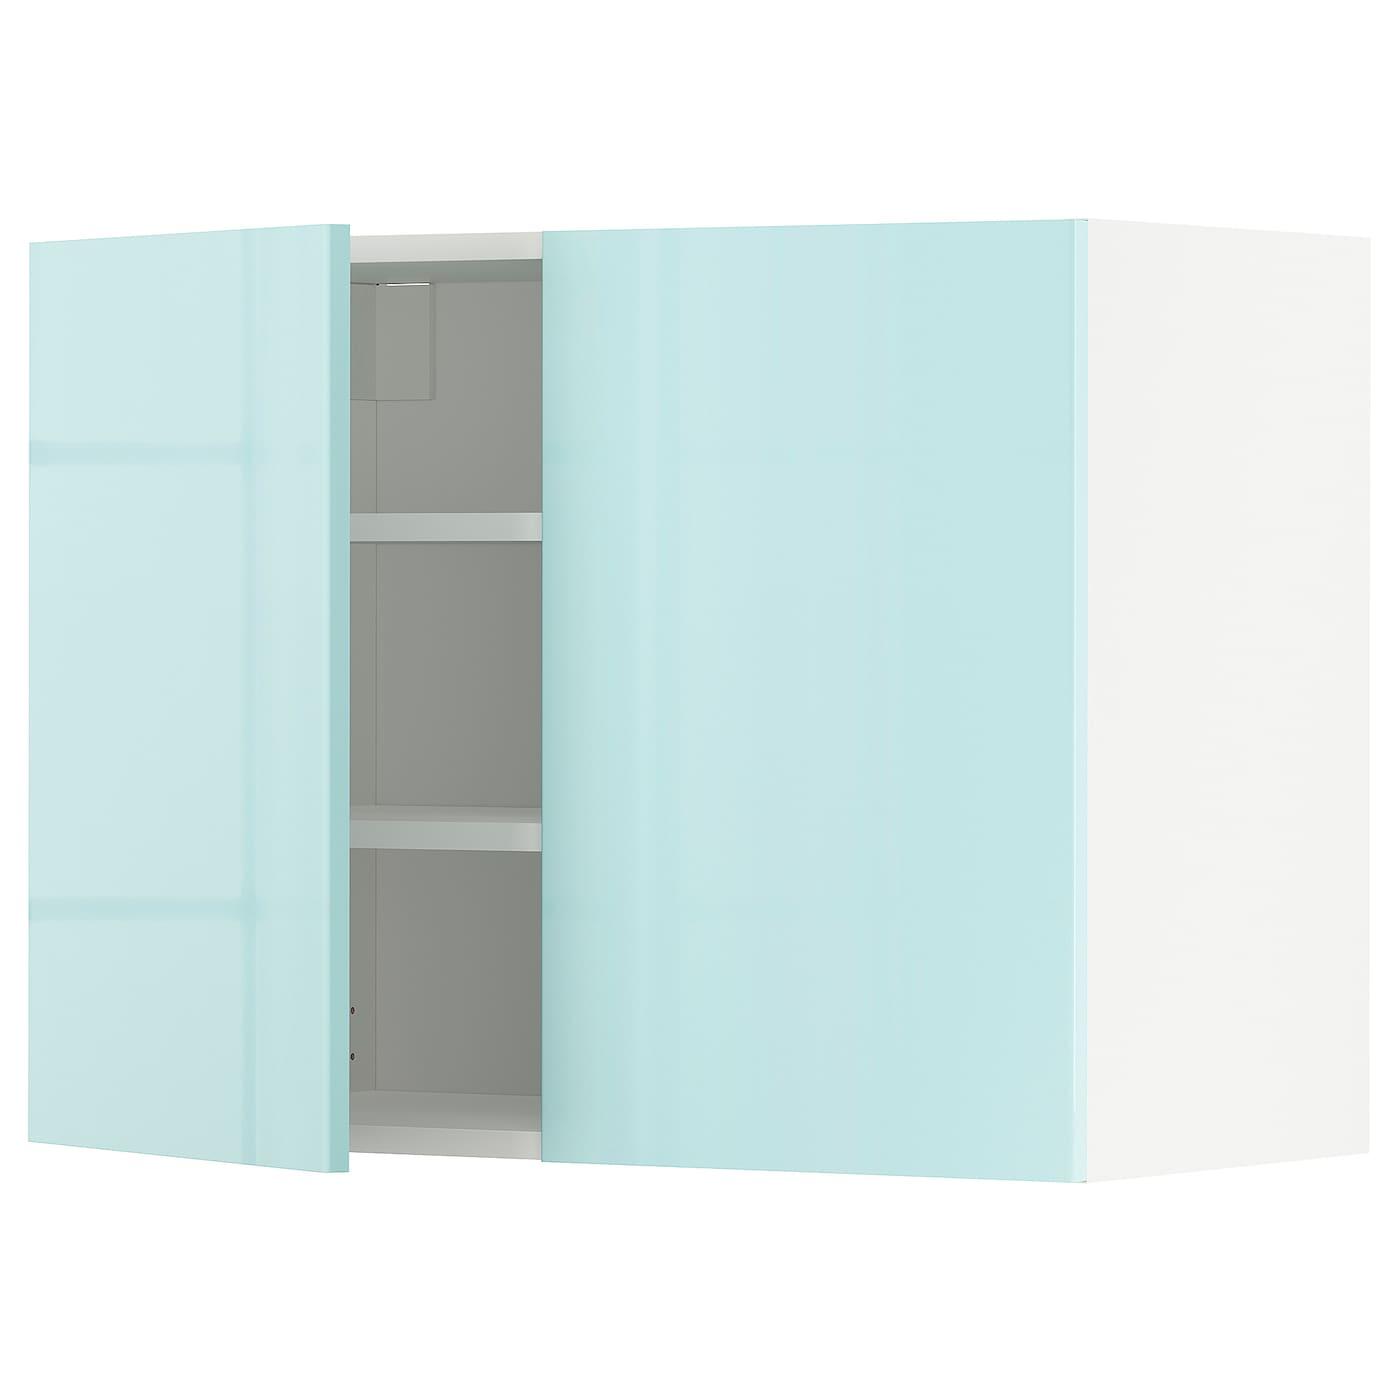 METOD Wandschrank mit Böden und 21 Türen   weiß Järsta/Hochglanz helltürkis  21x21 cm